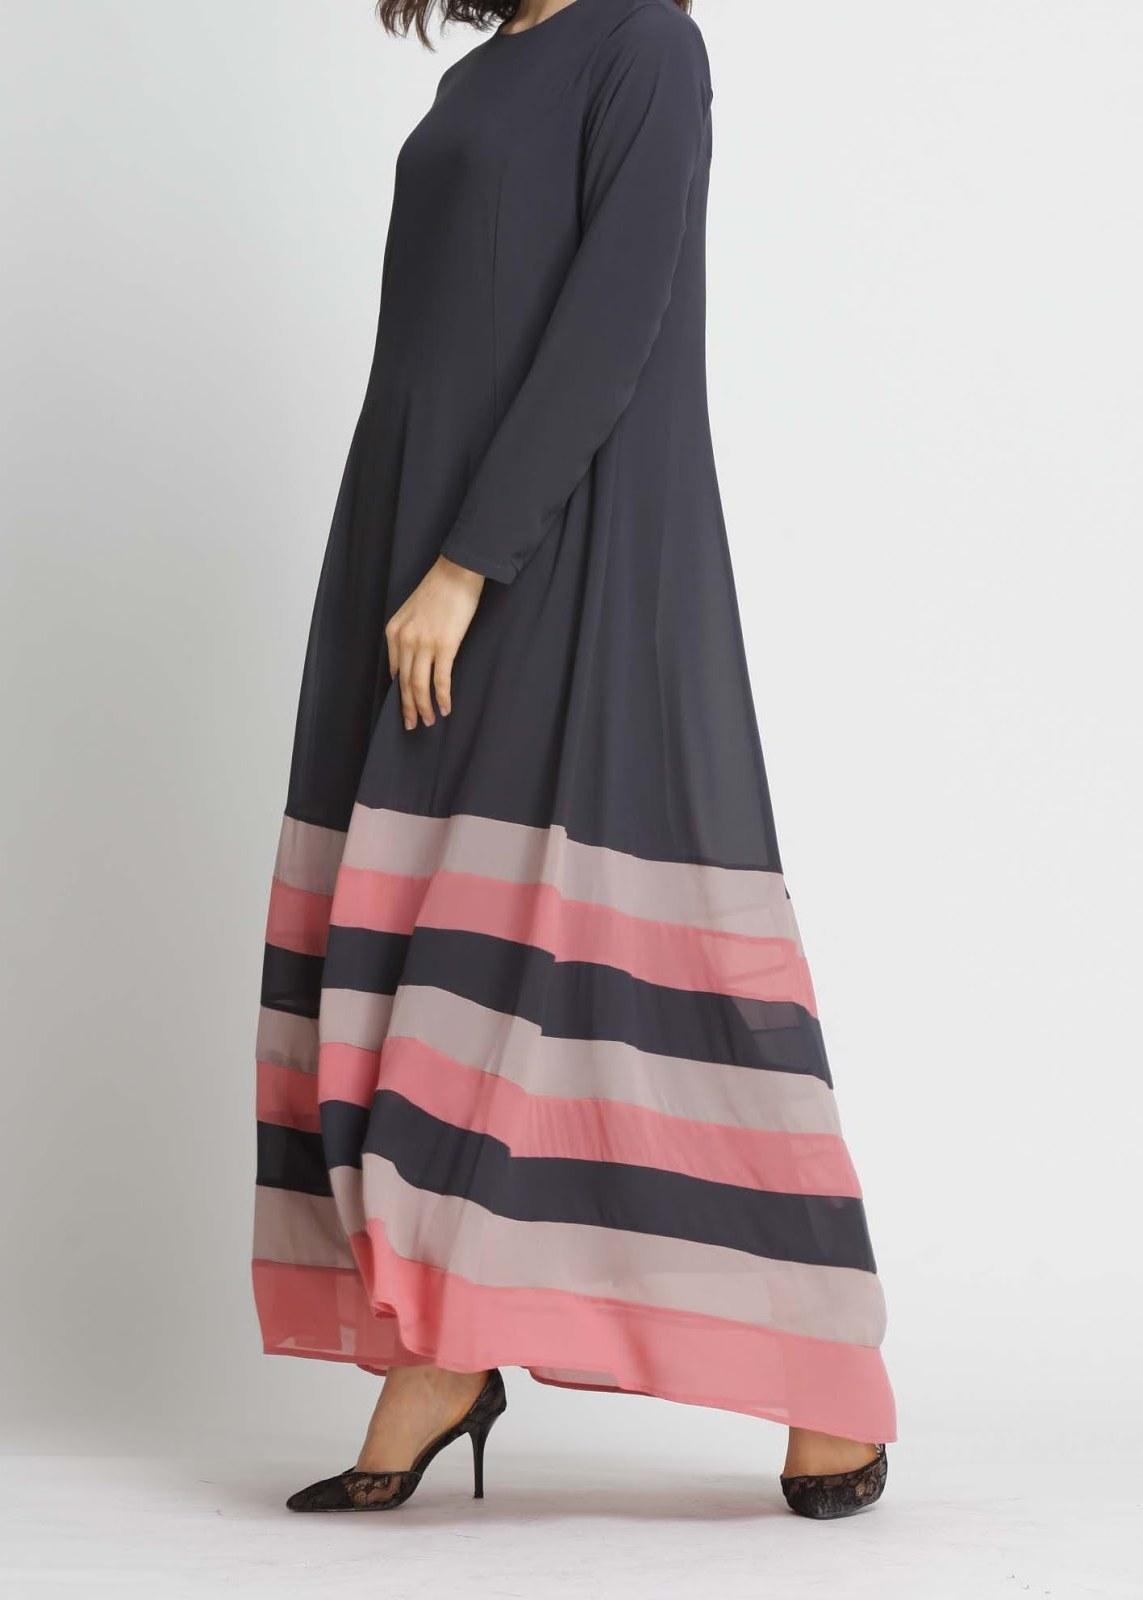 Ide Jual Baju Pengantin Muslimah Syar'i 3ldq norzi Beautilicious House Nbh0368 Hajar Jubah